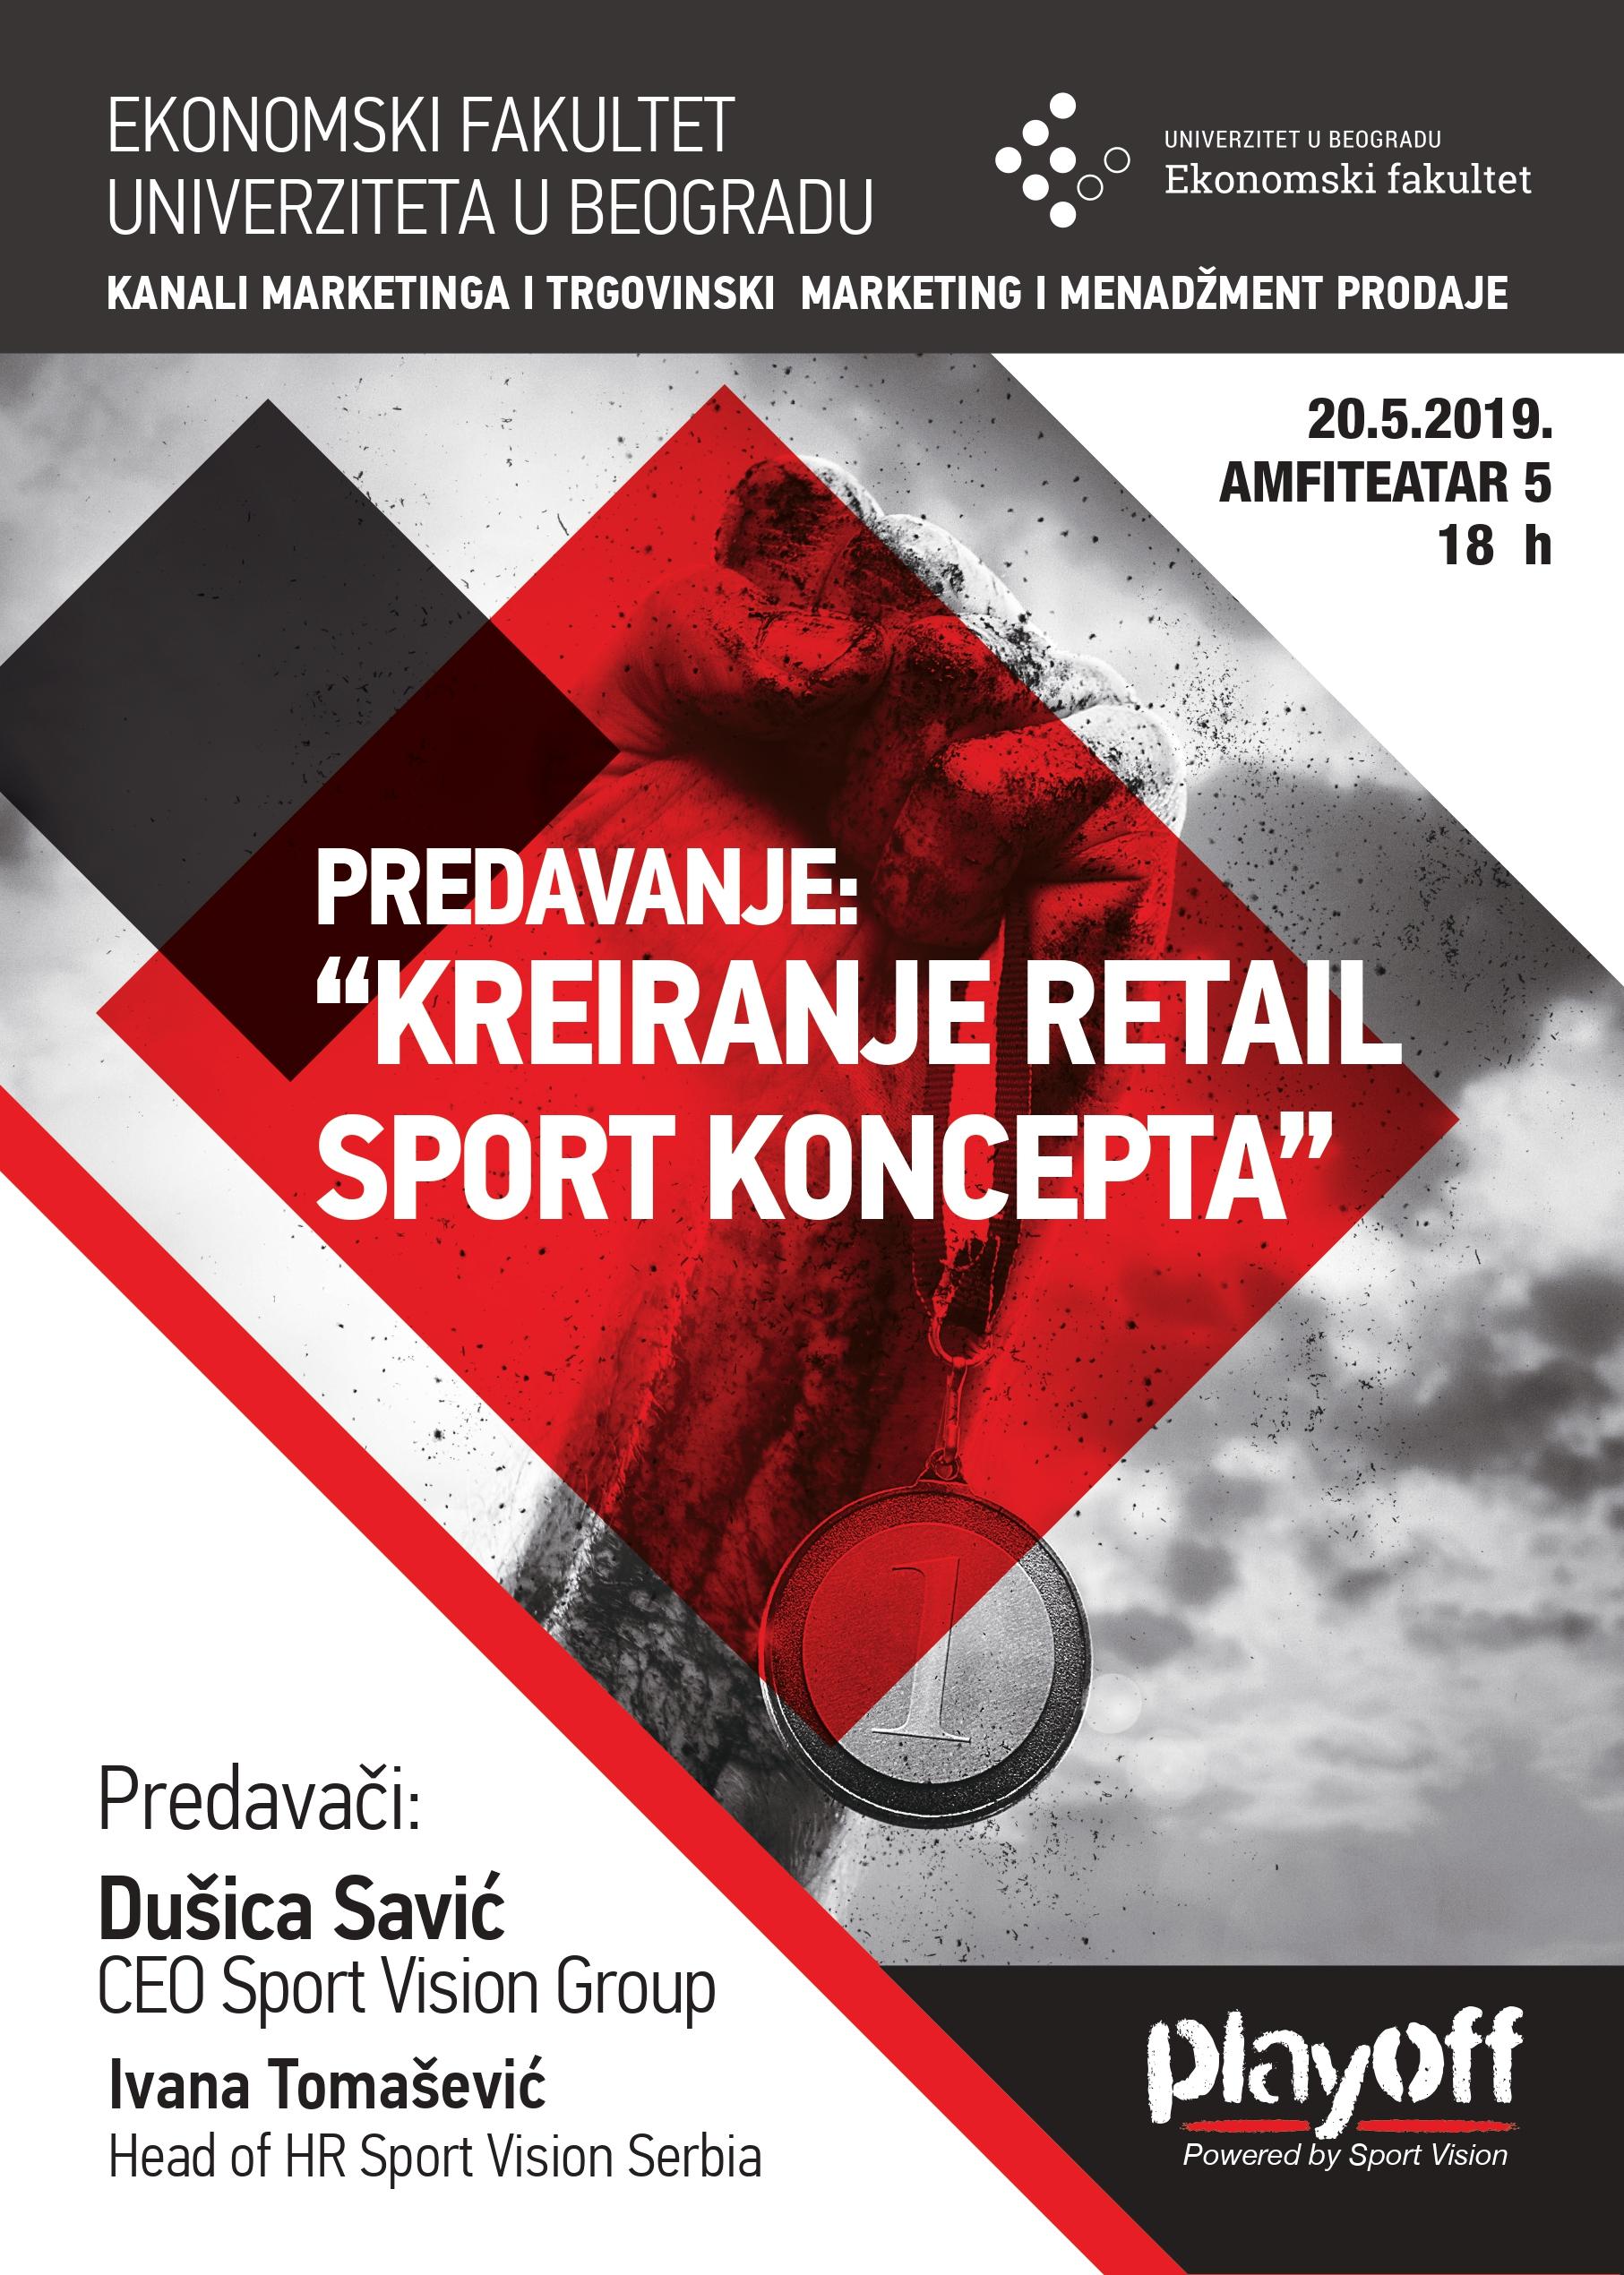 EKOF VELIKO PREDAVANJE - A3 poster - 20maj_page-0001